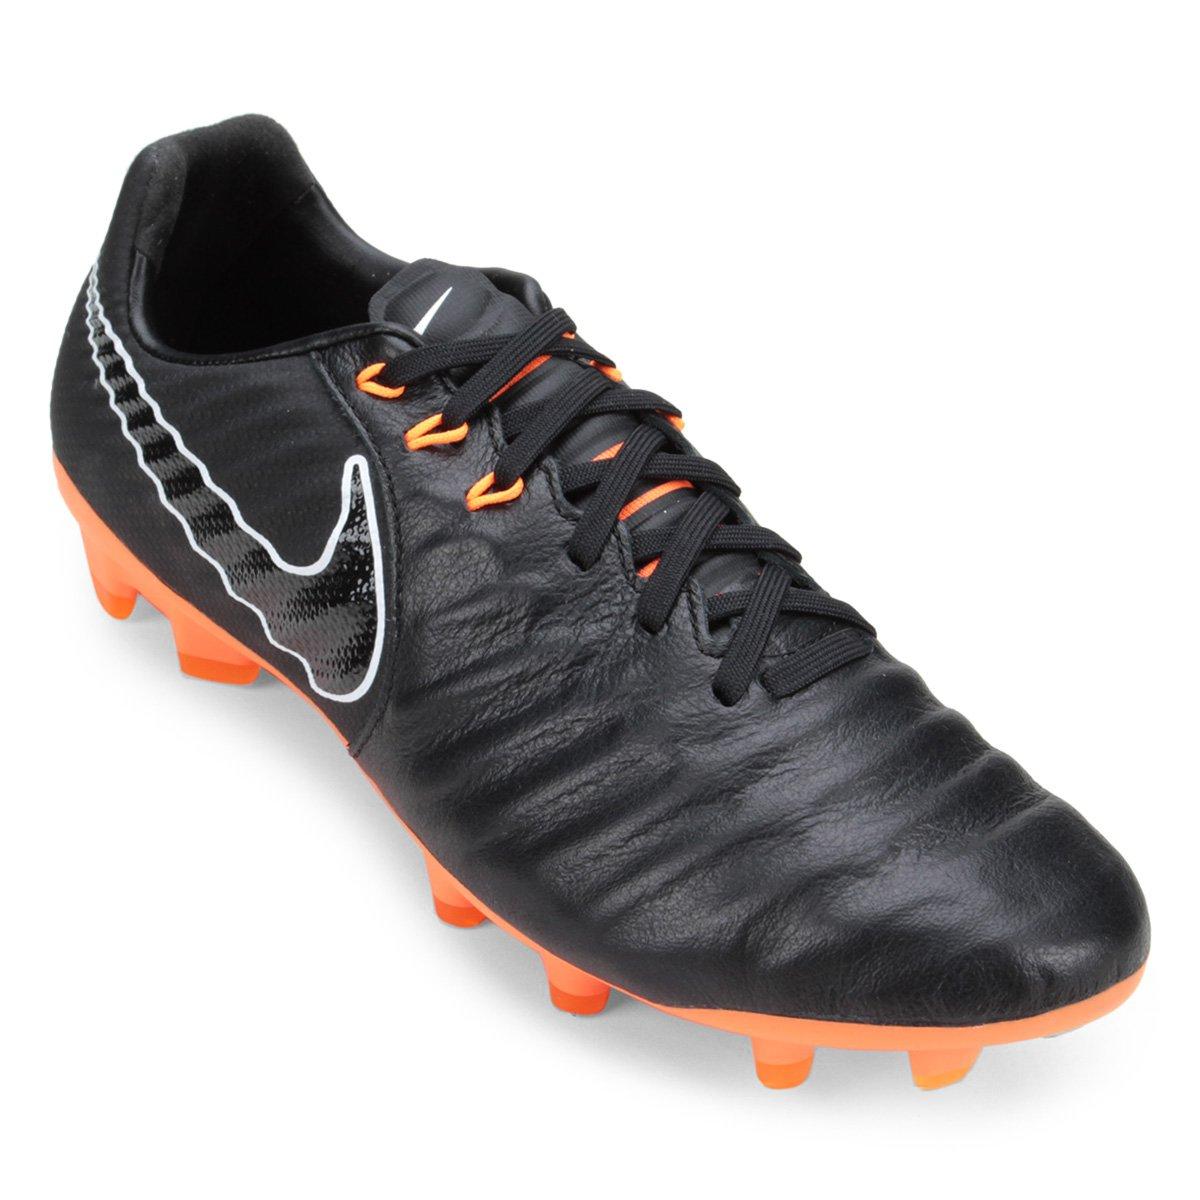 230ab949dafc5 Chuteira Campo Nike Legend 7 Pro FG - Compre Agora